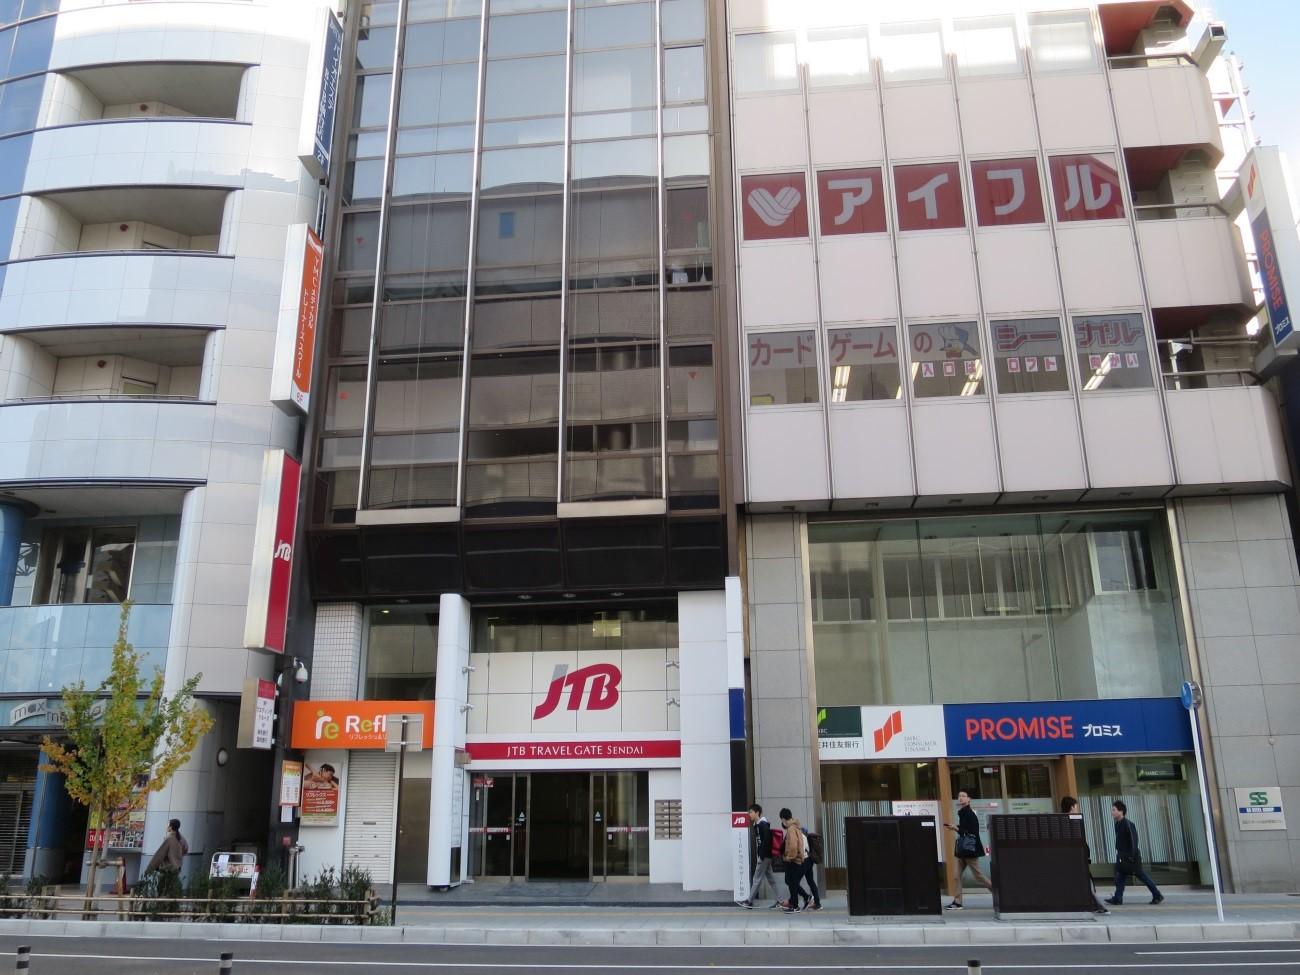 JTBビル 7 階です。ビルの入口を入って右手のエレベーターでお越しください。